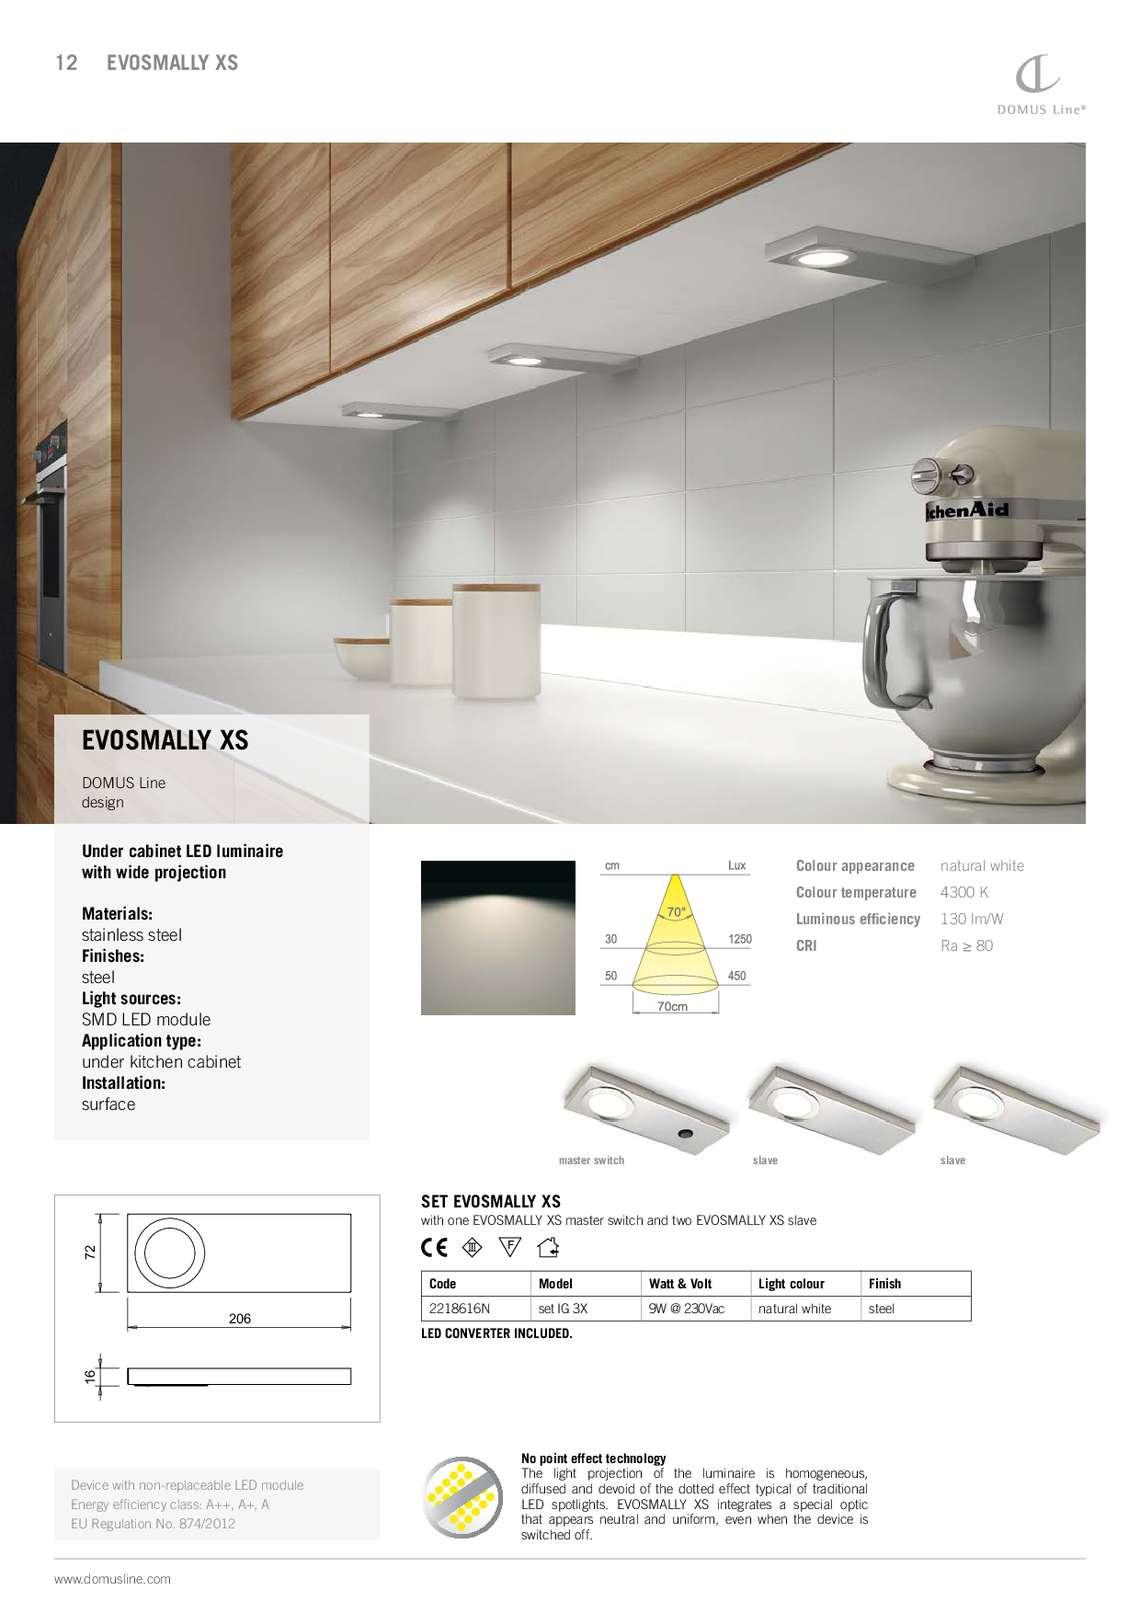 domus-line-top-seller_27_013.jpg